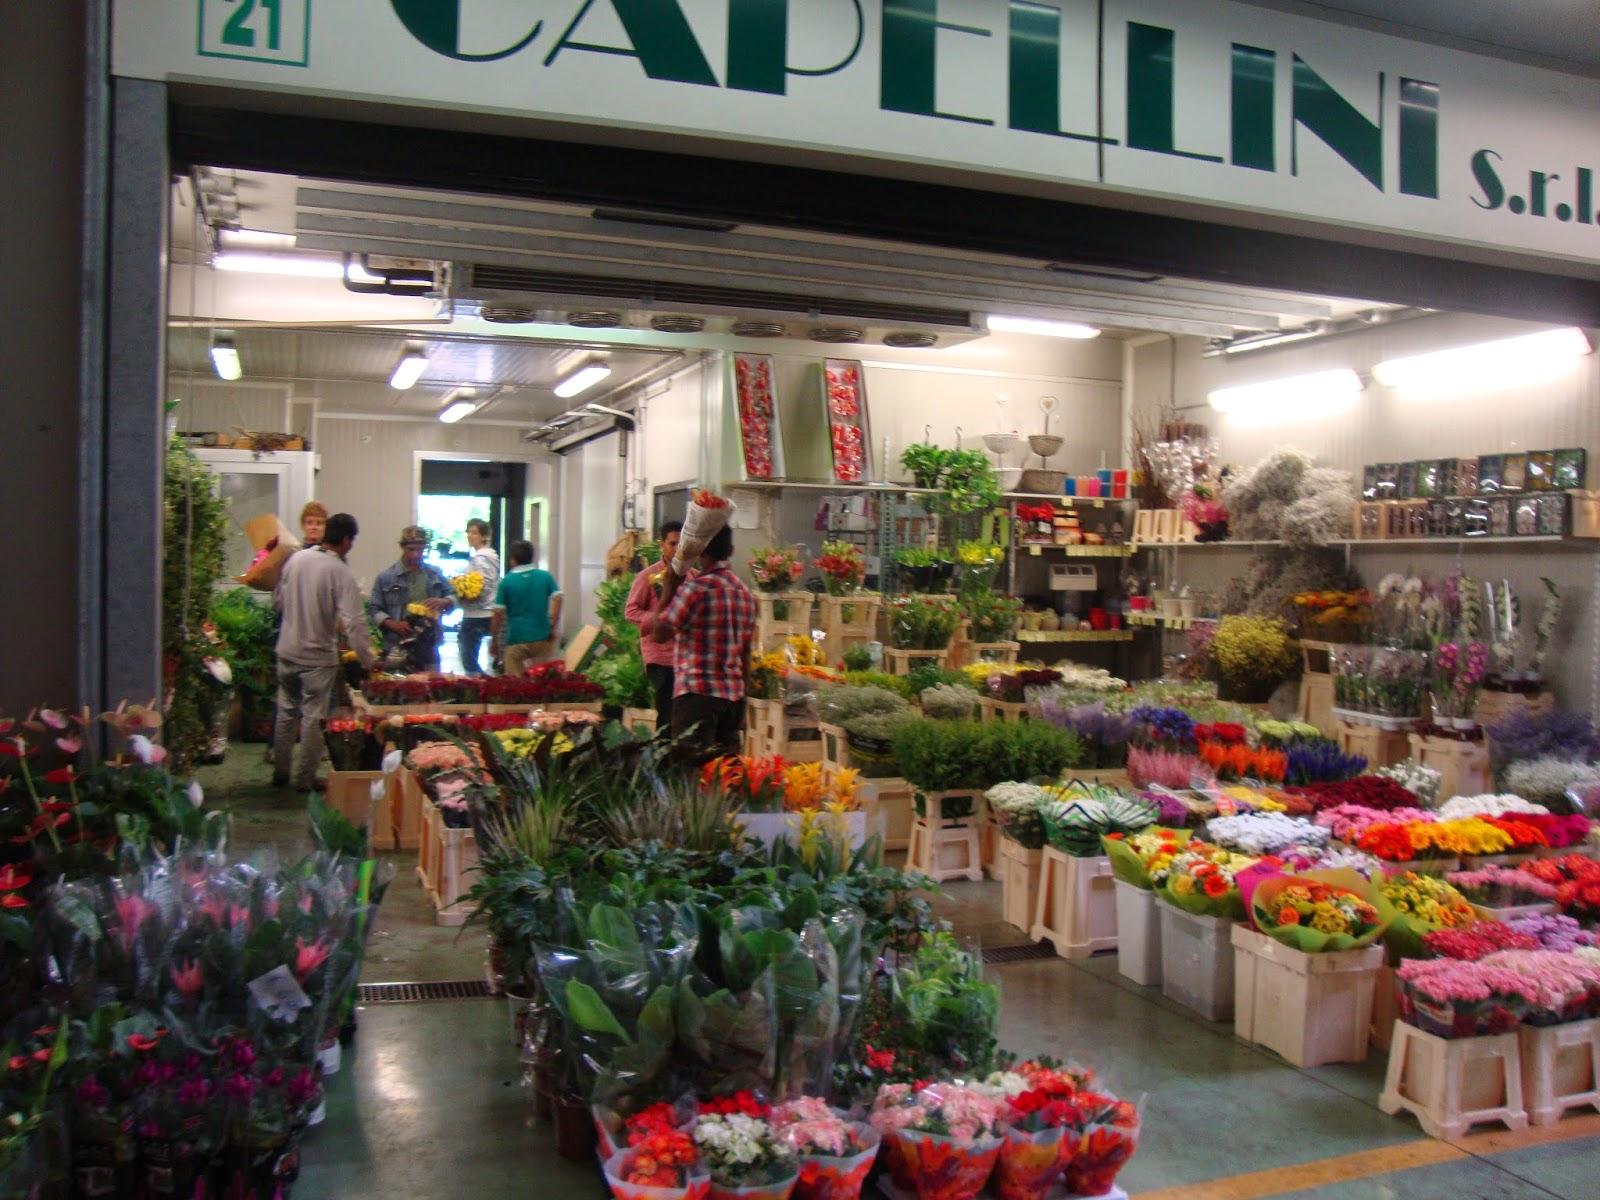 un piccolo giardino in città: il mercato floricolo di milano